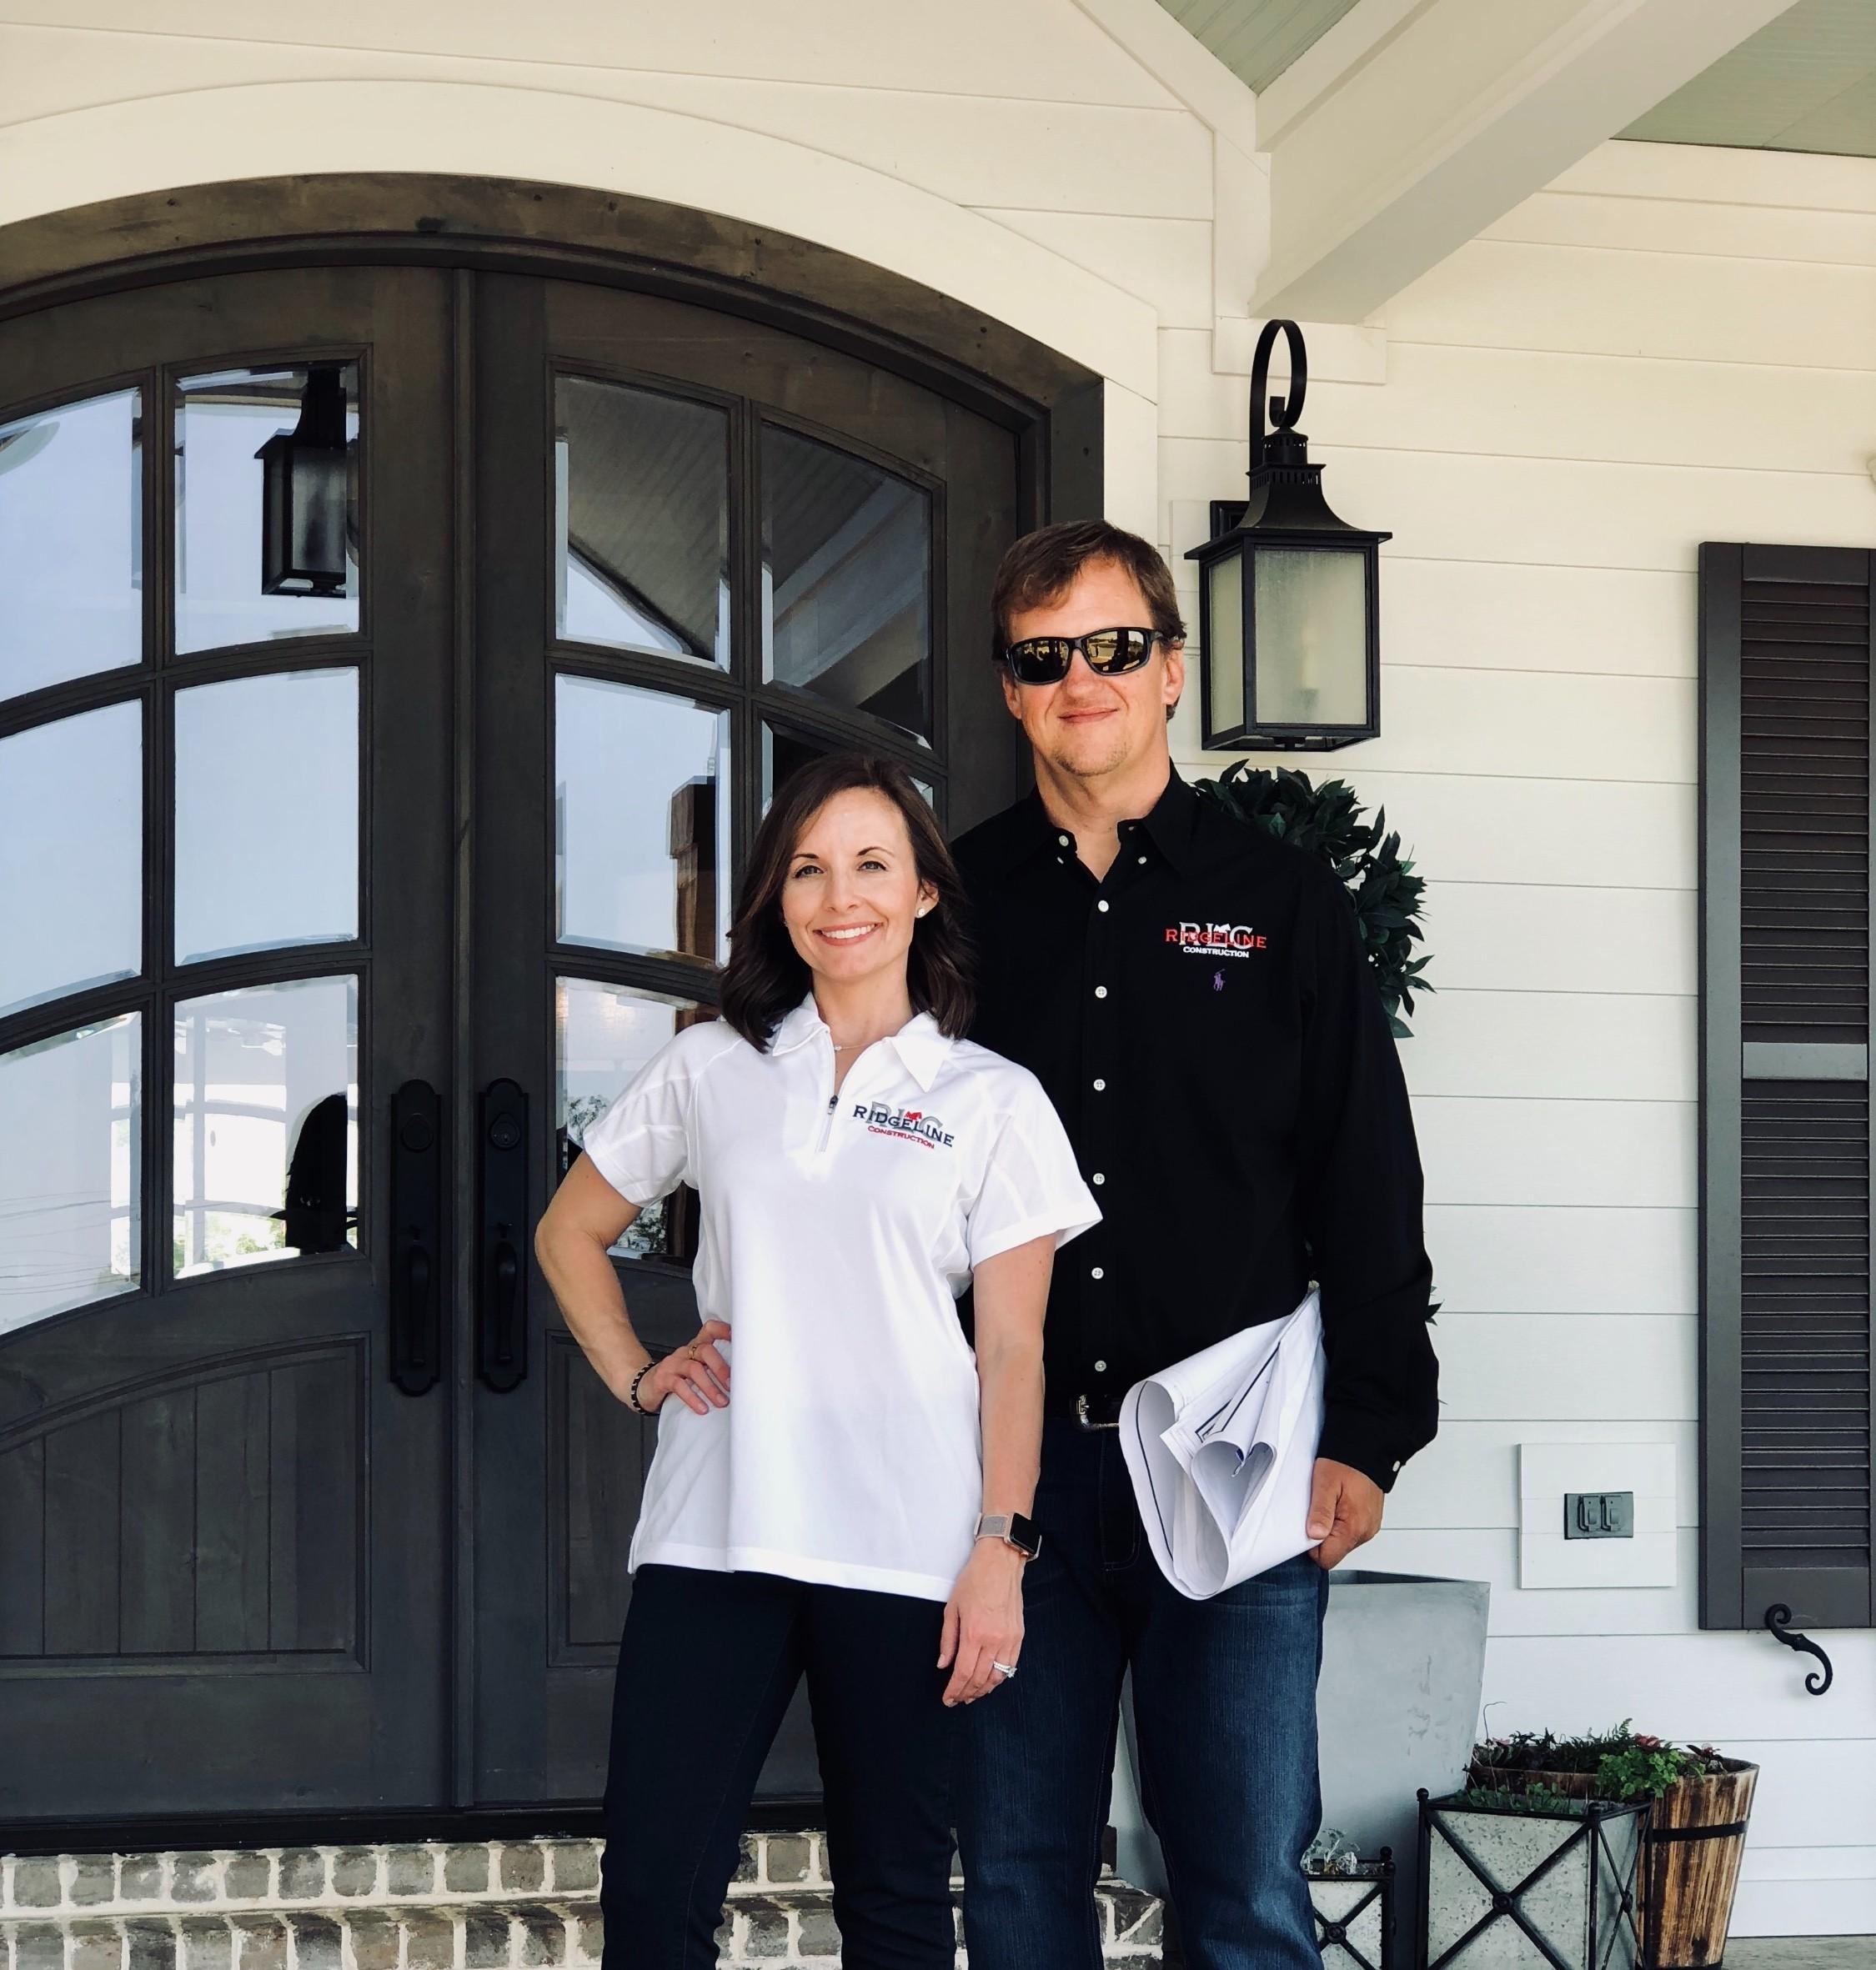 Terry and Lauren Marsh, Owners